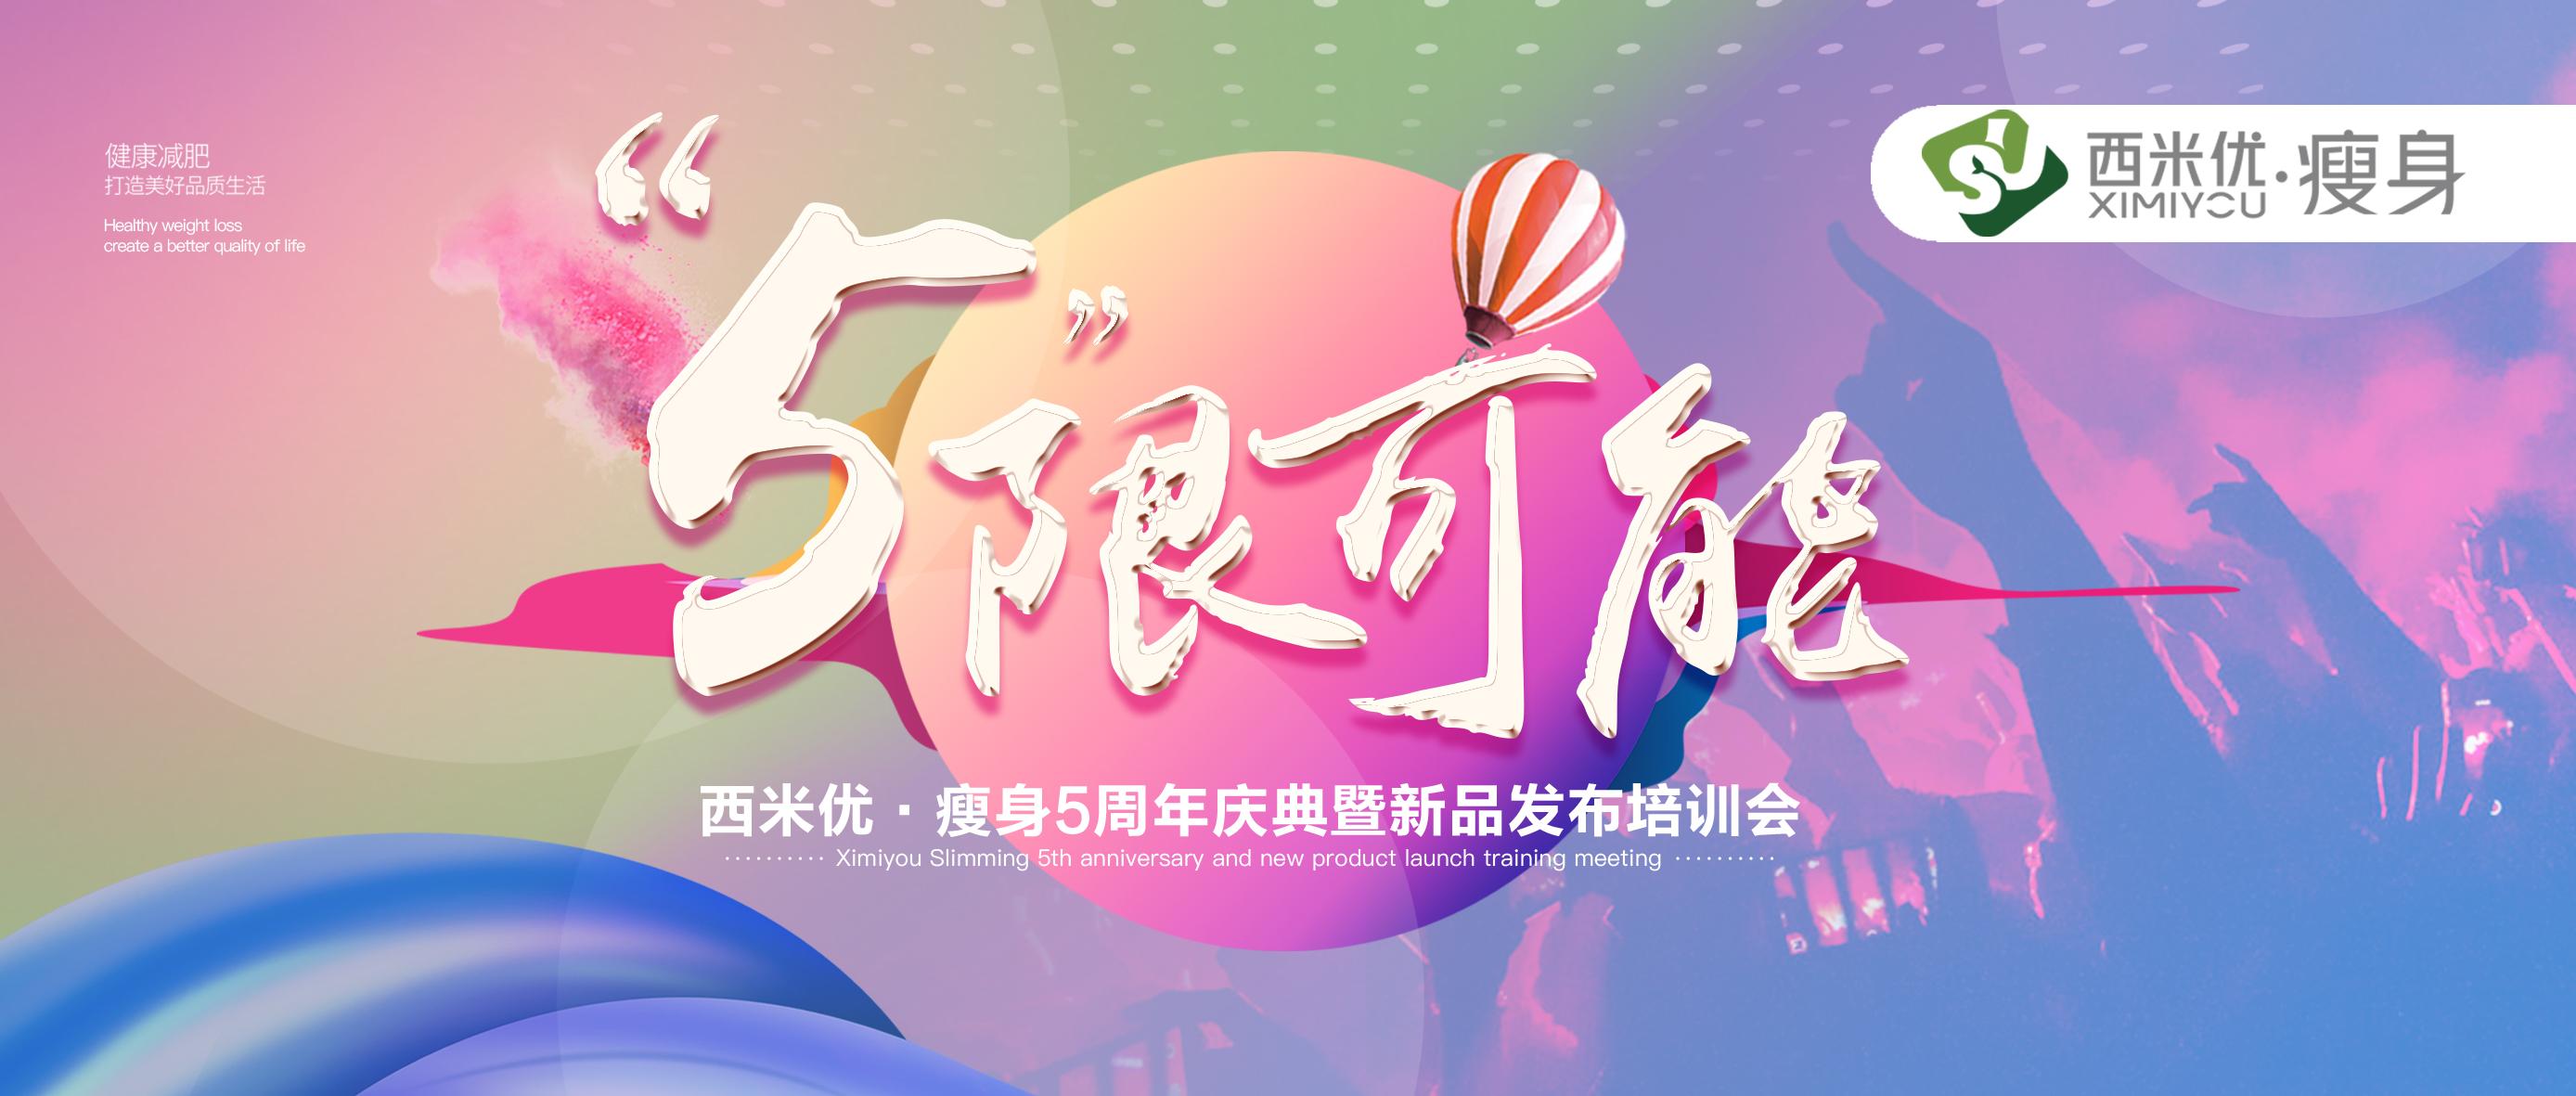 2021西米优·瘦身5周年庆典暨新品发布培训会完美落幕